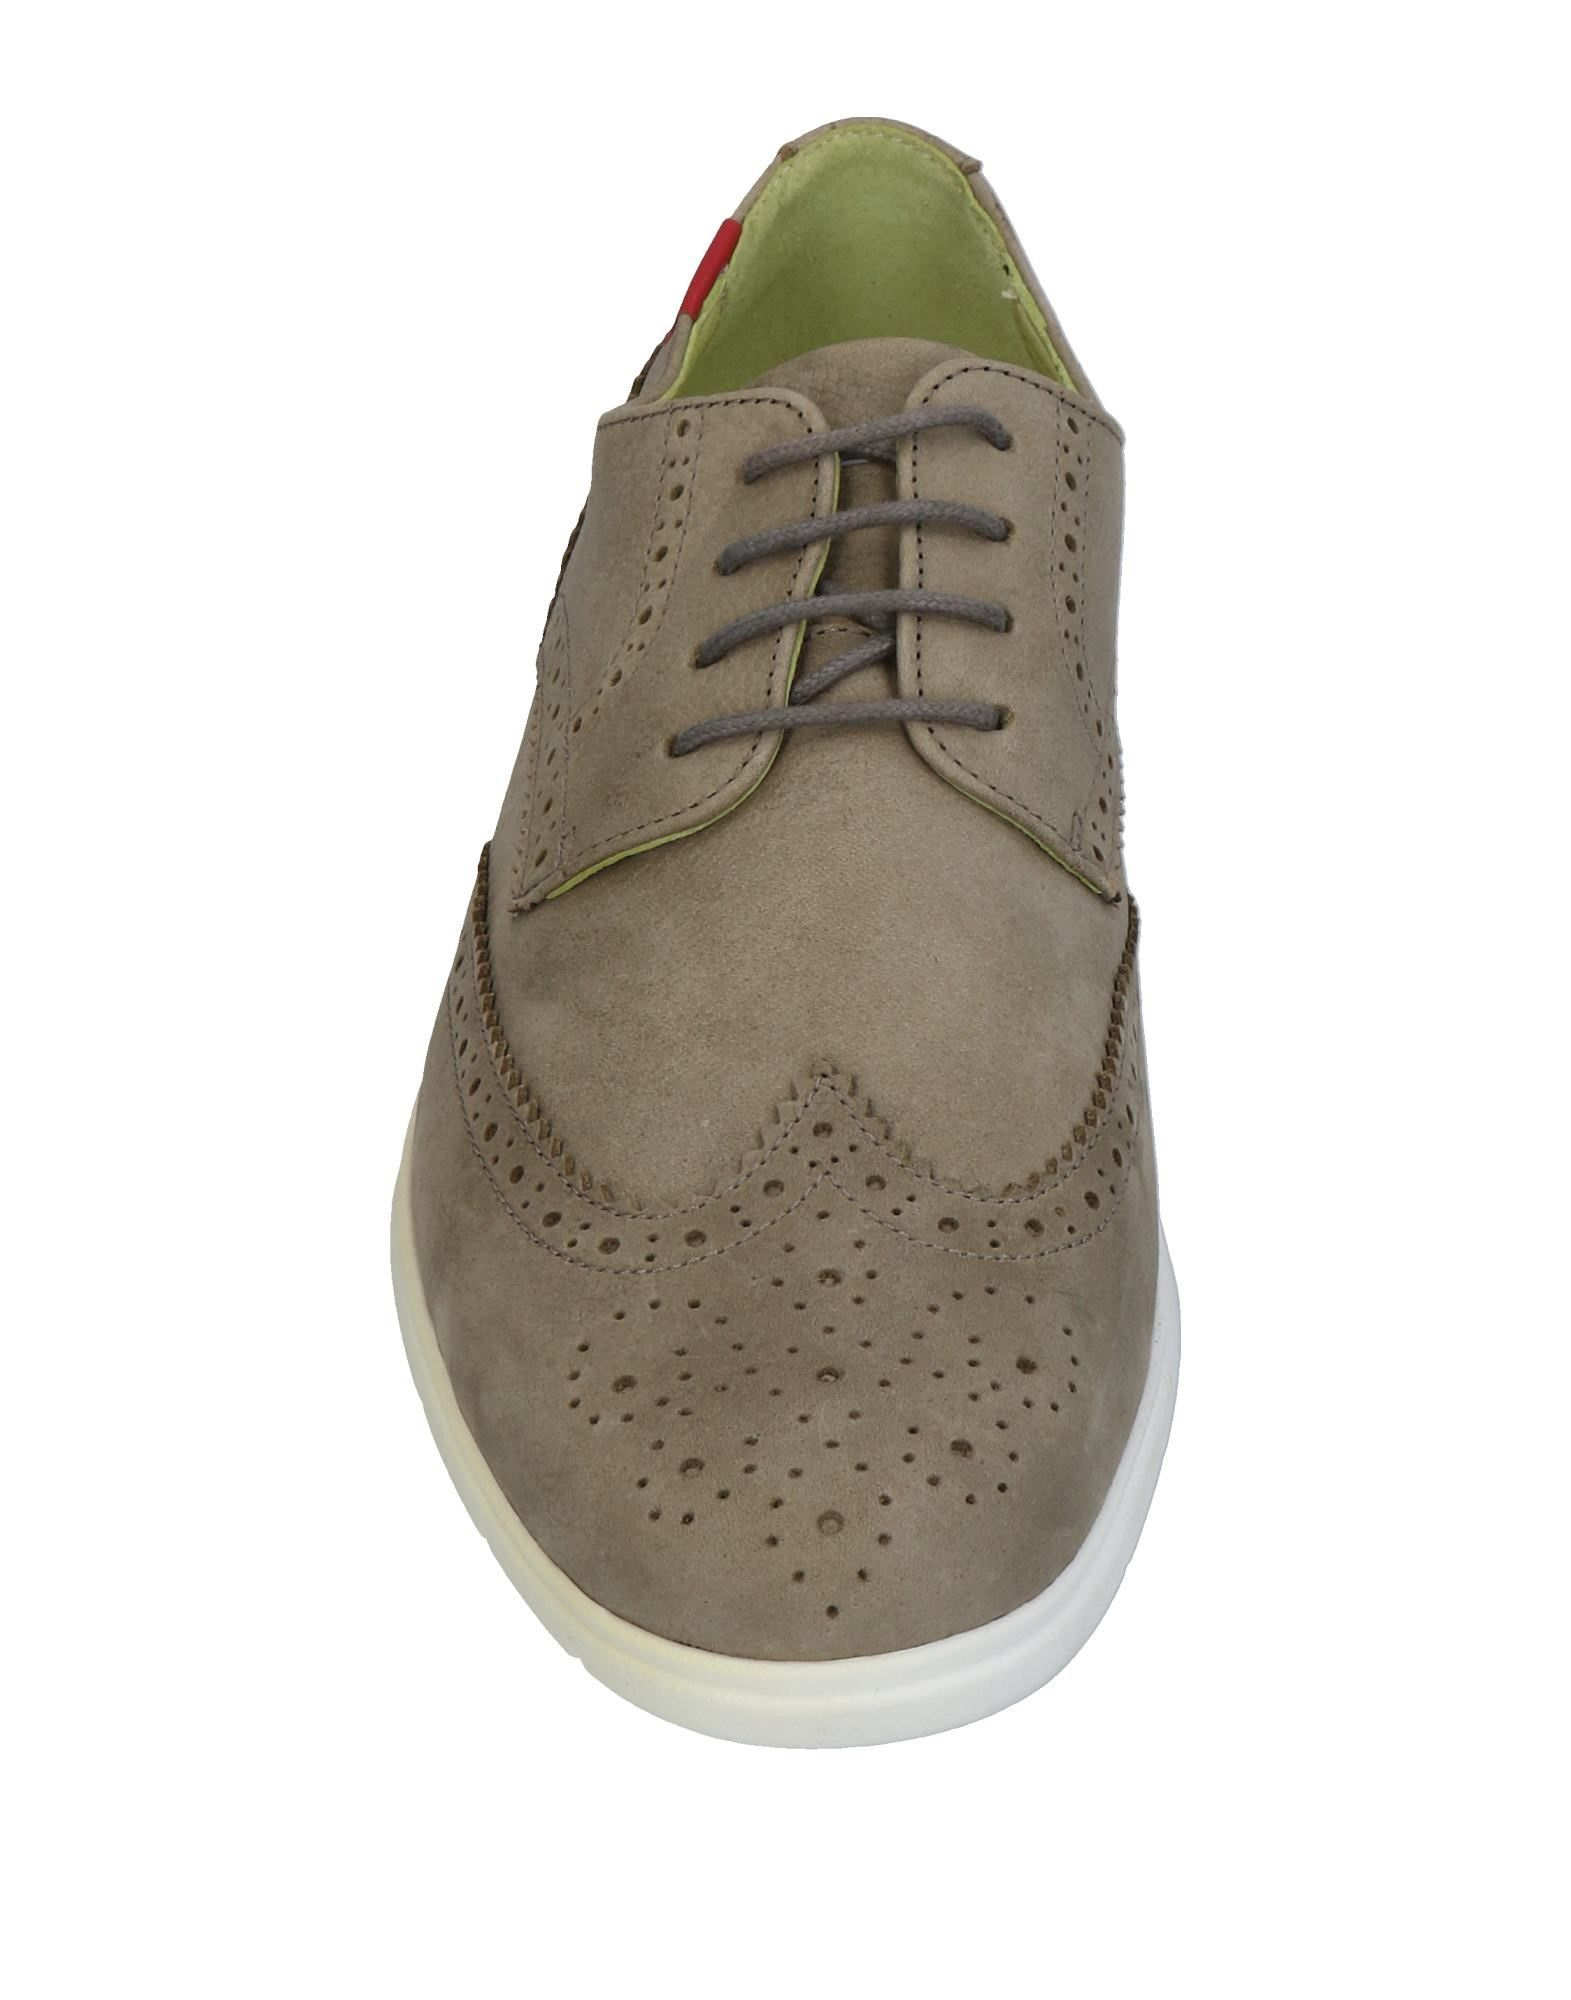 Rabatt echte Schuhe Ambitious Sneakers Herren  11462526JP 11462526JP 11462526JP abd577